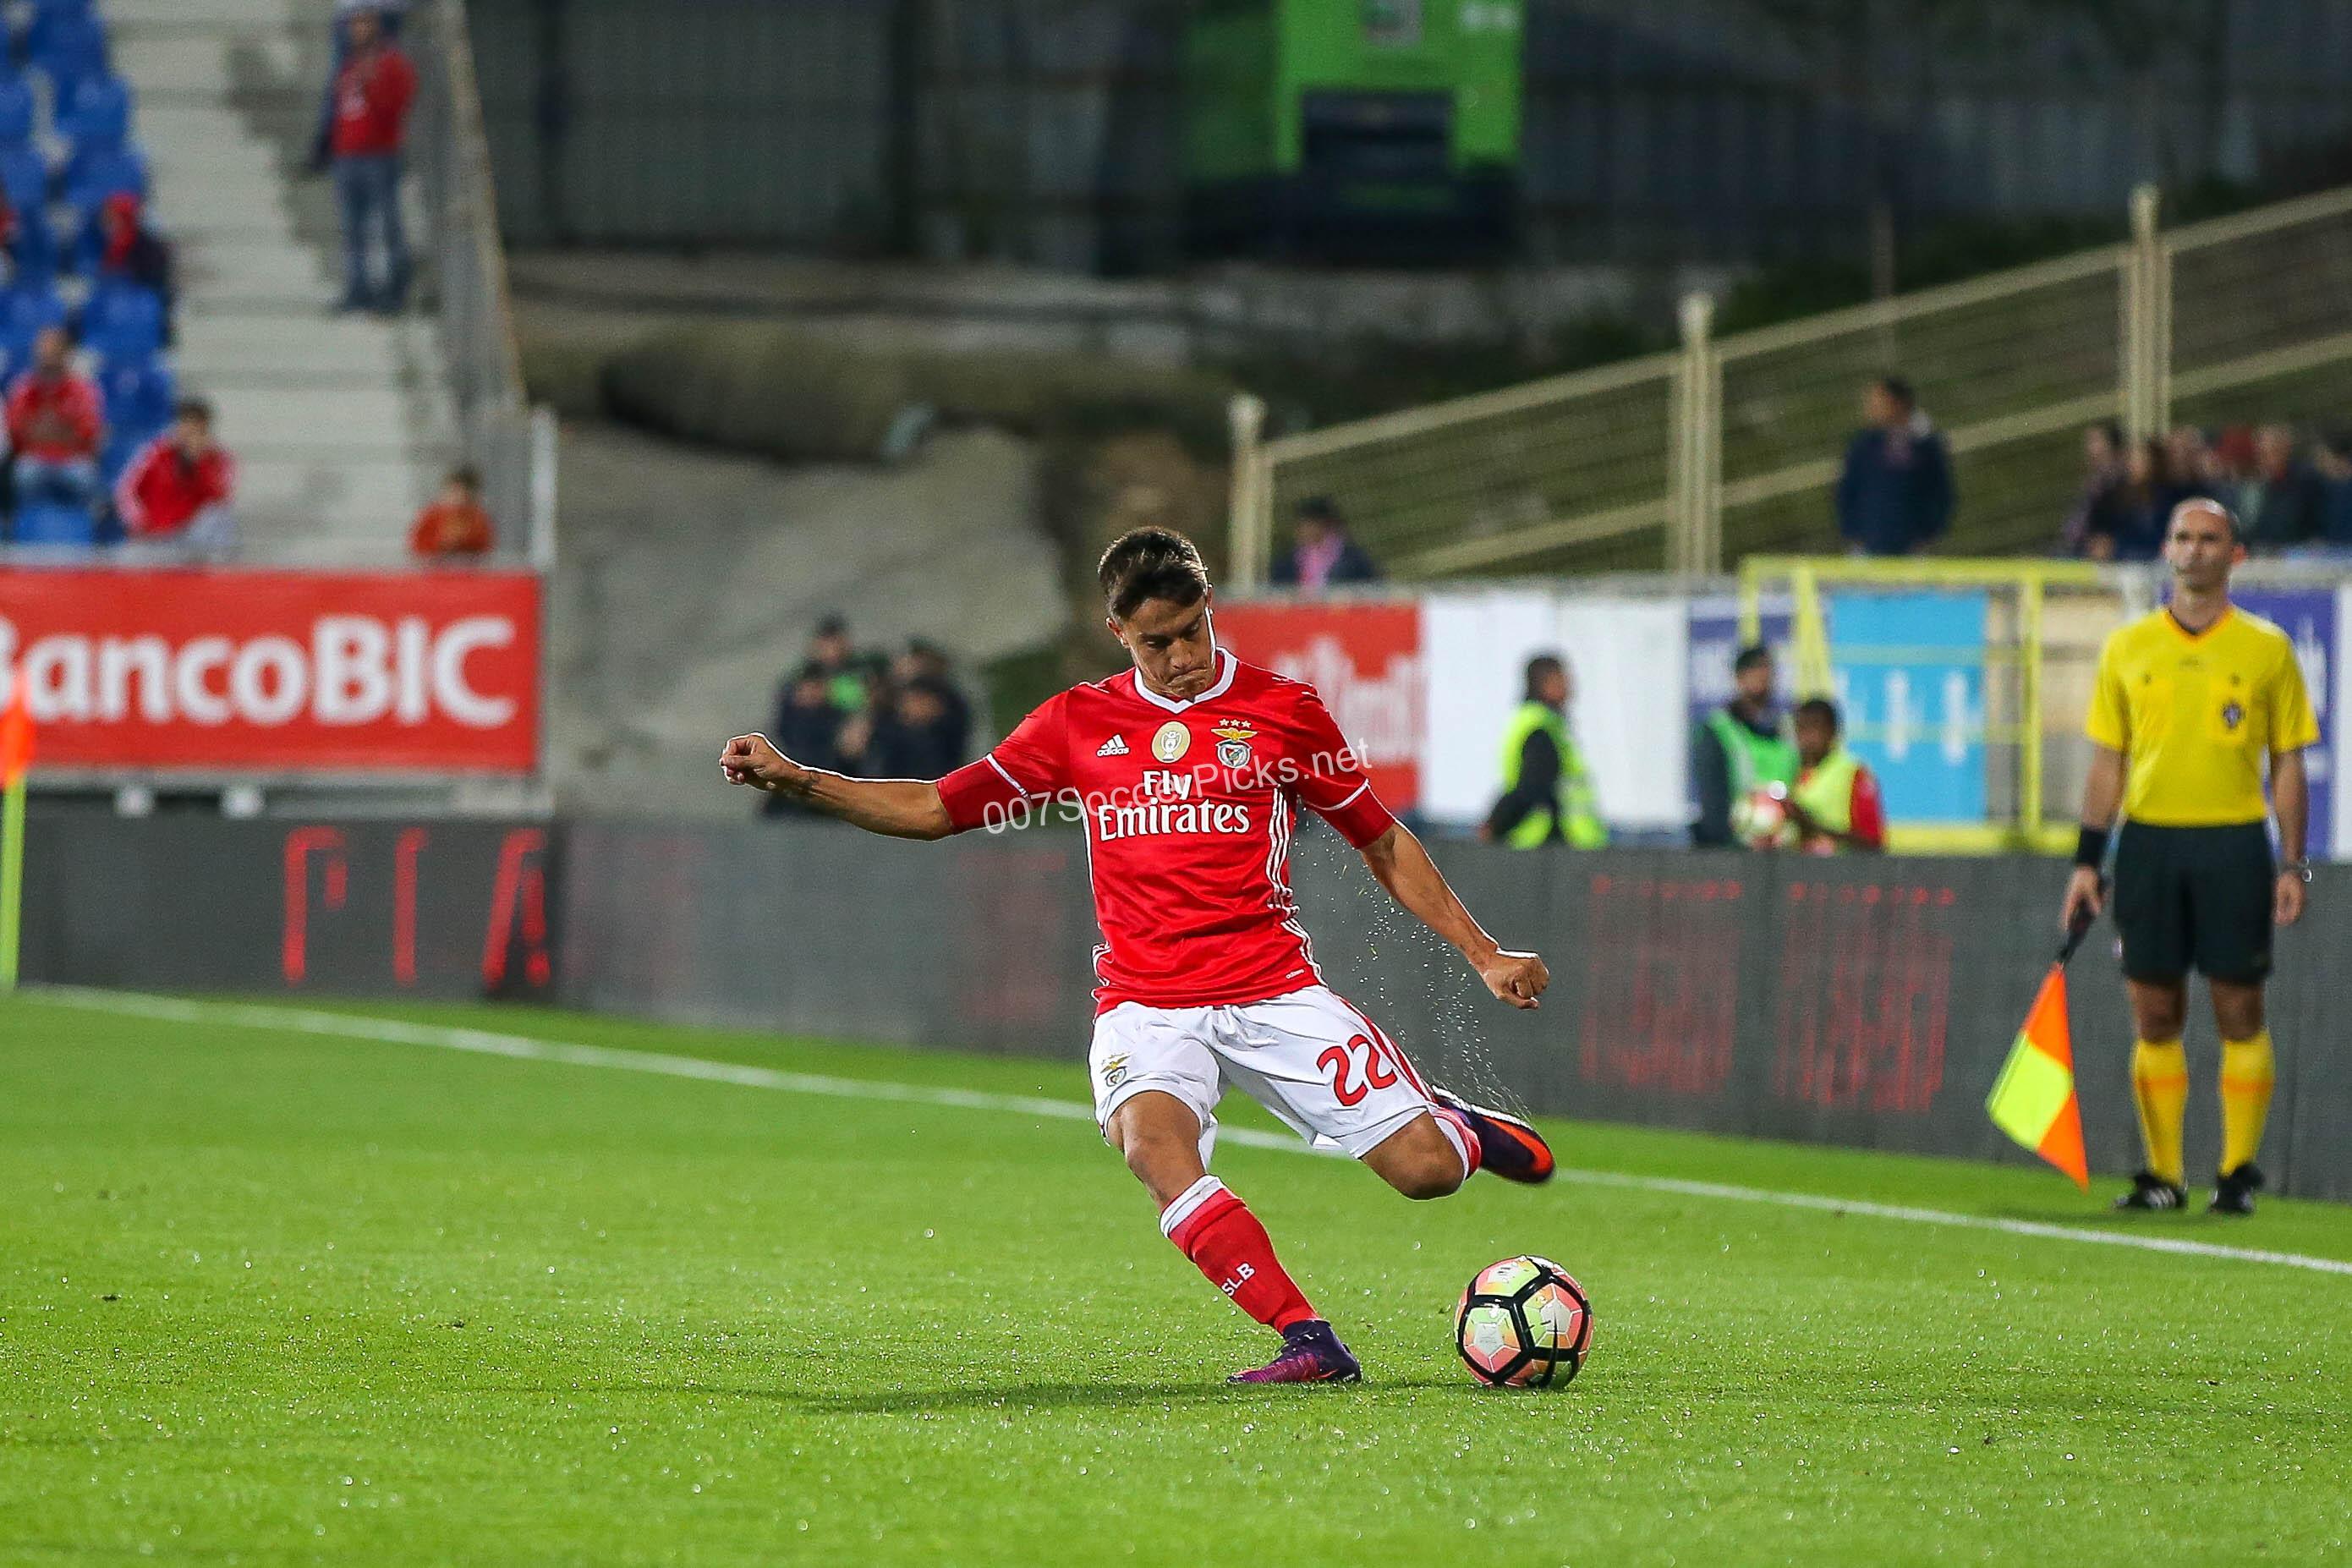 Benfica B – Academico Viseu (Pick, Prediction, Preview) Preview